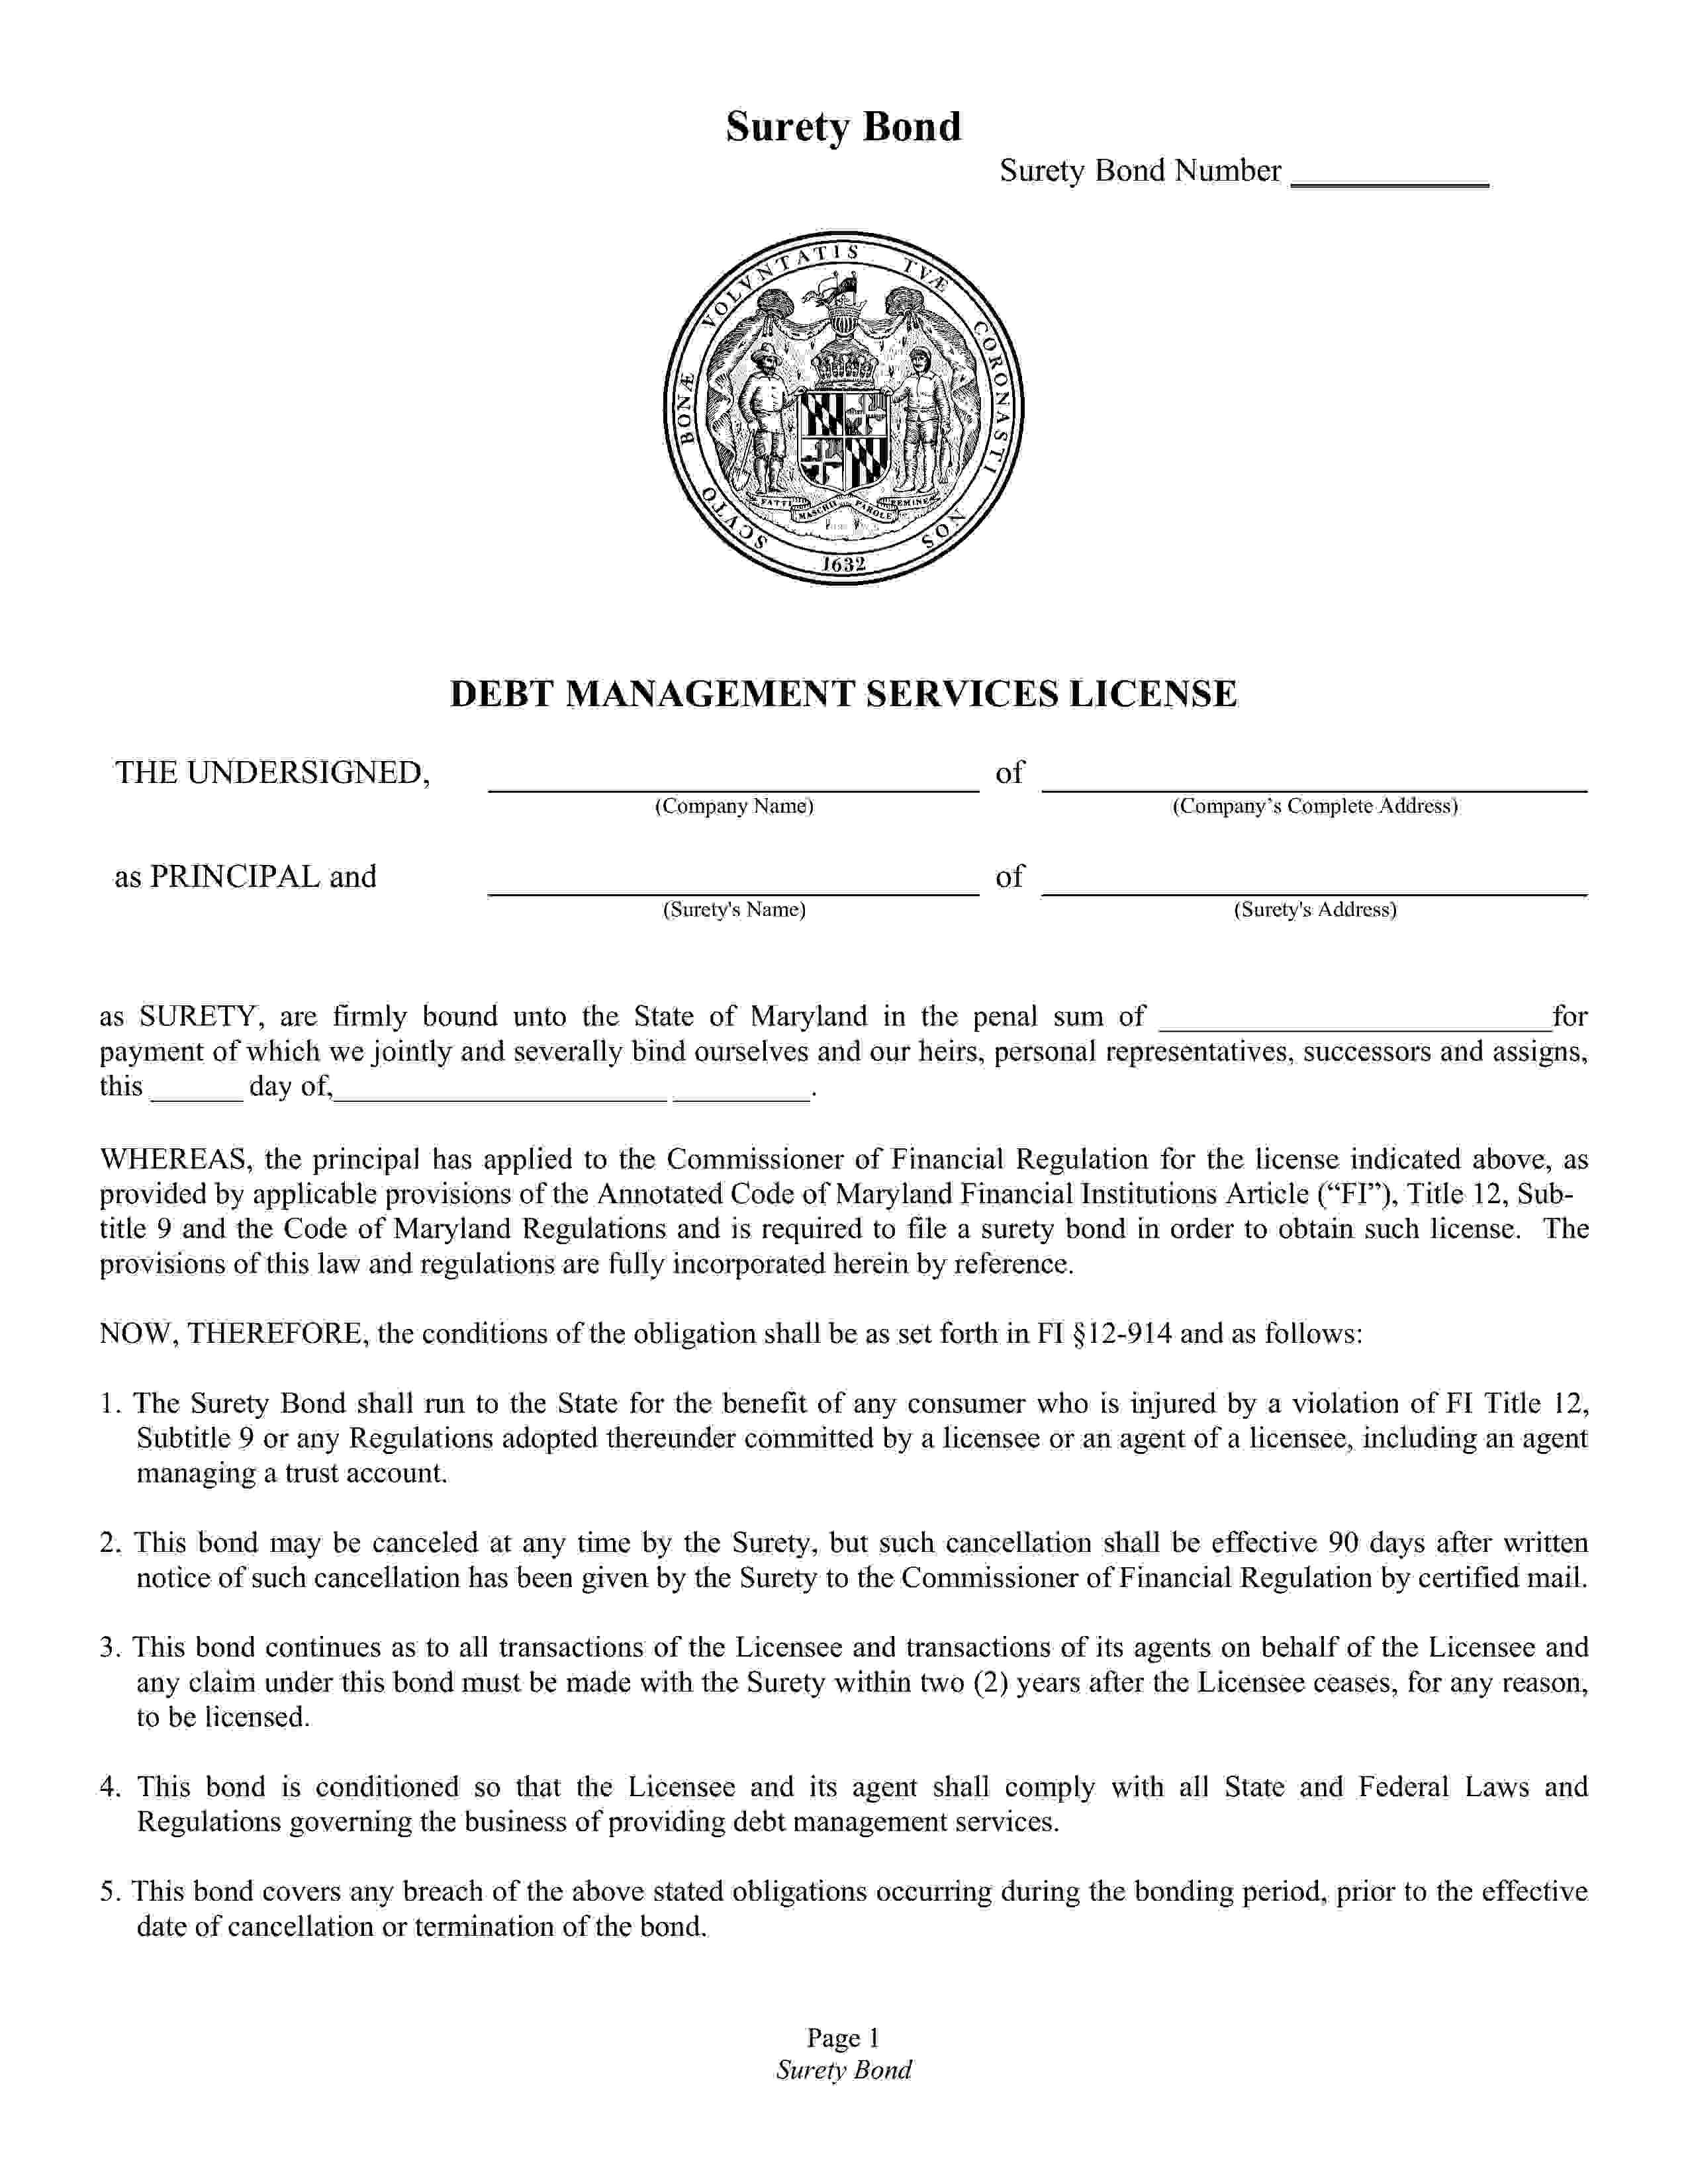 Commissioner of Financial Regulations Debt Management Services License sample image